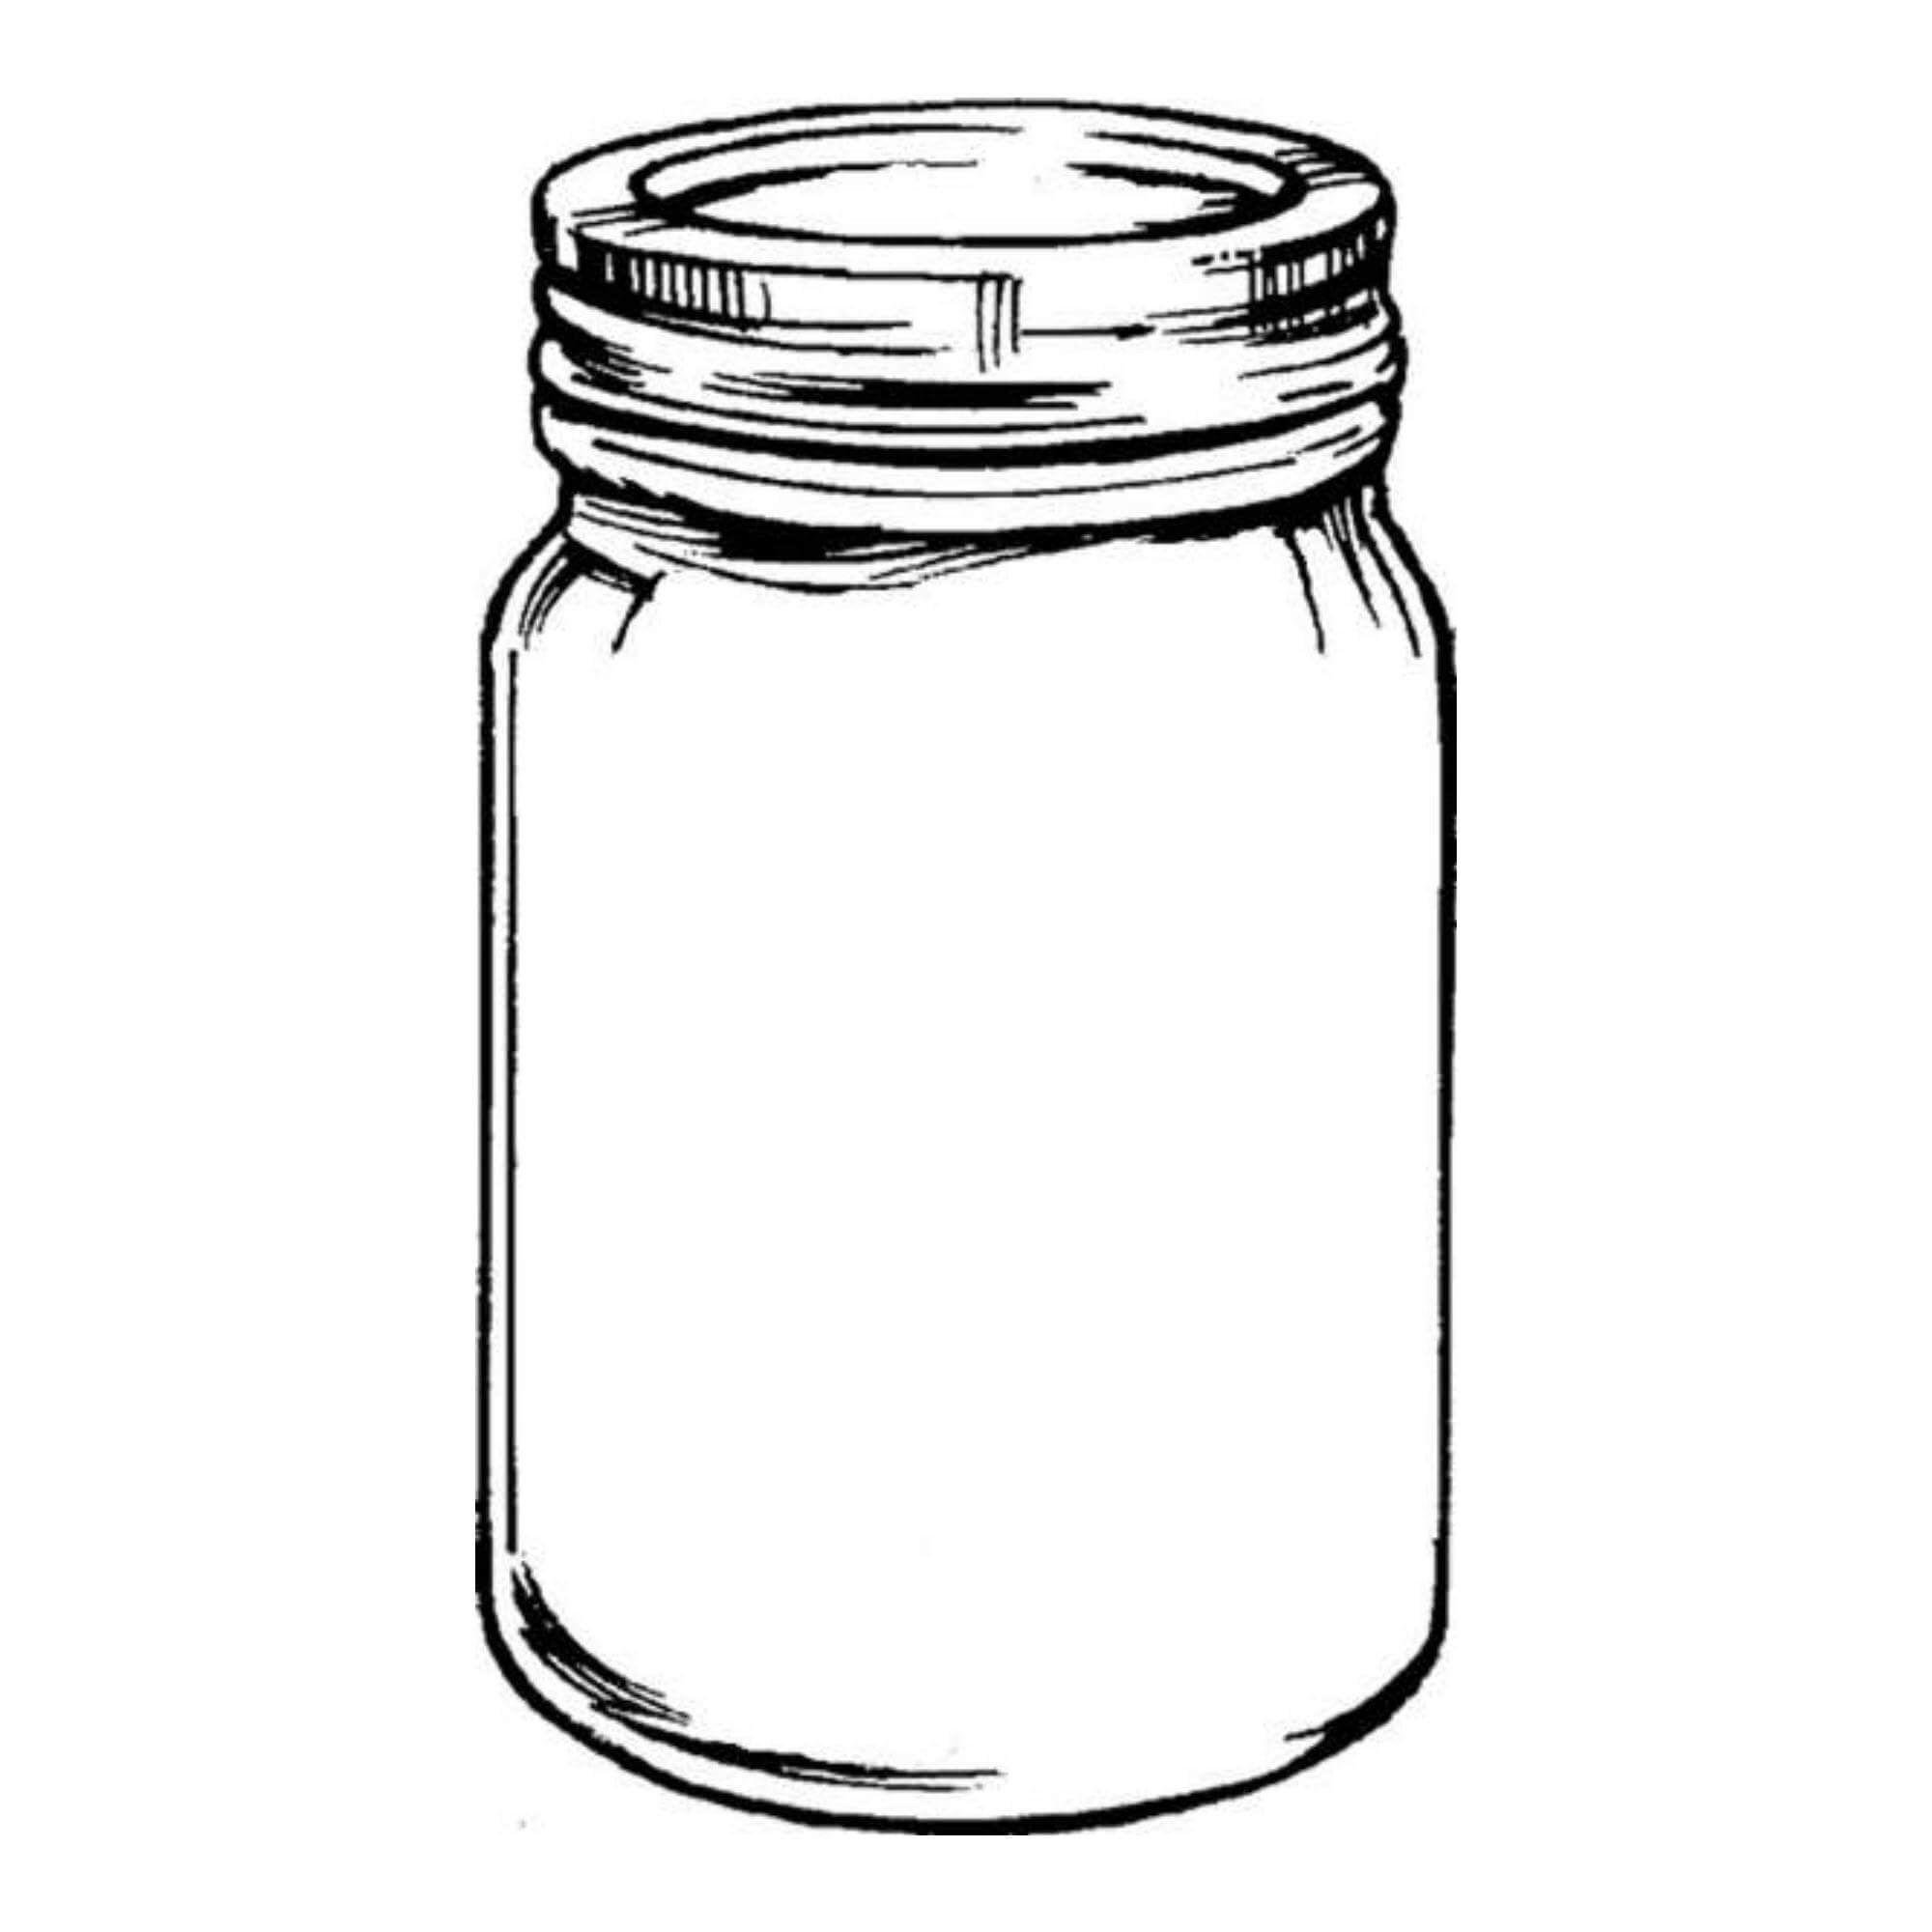 Bottle clipart jar, Bottle jar Transparent FREE for download.